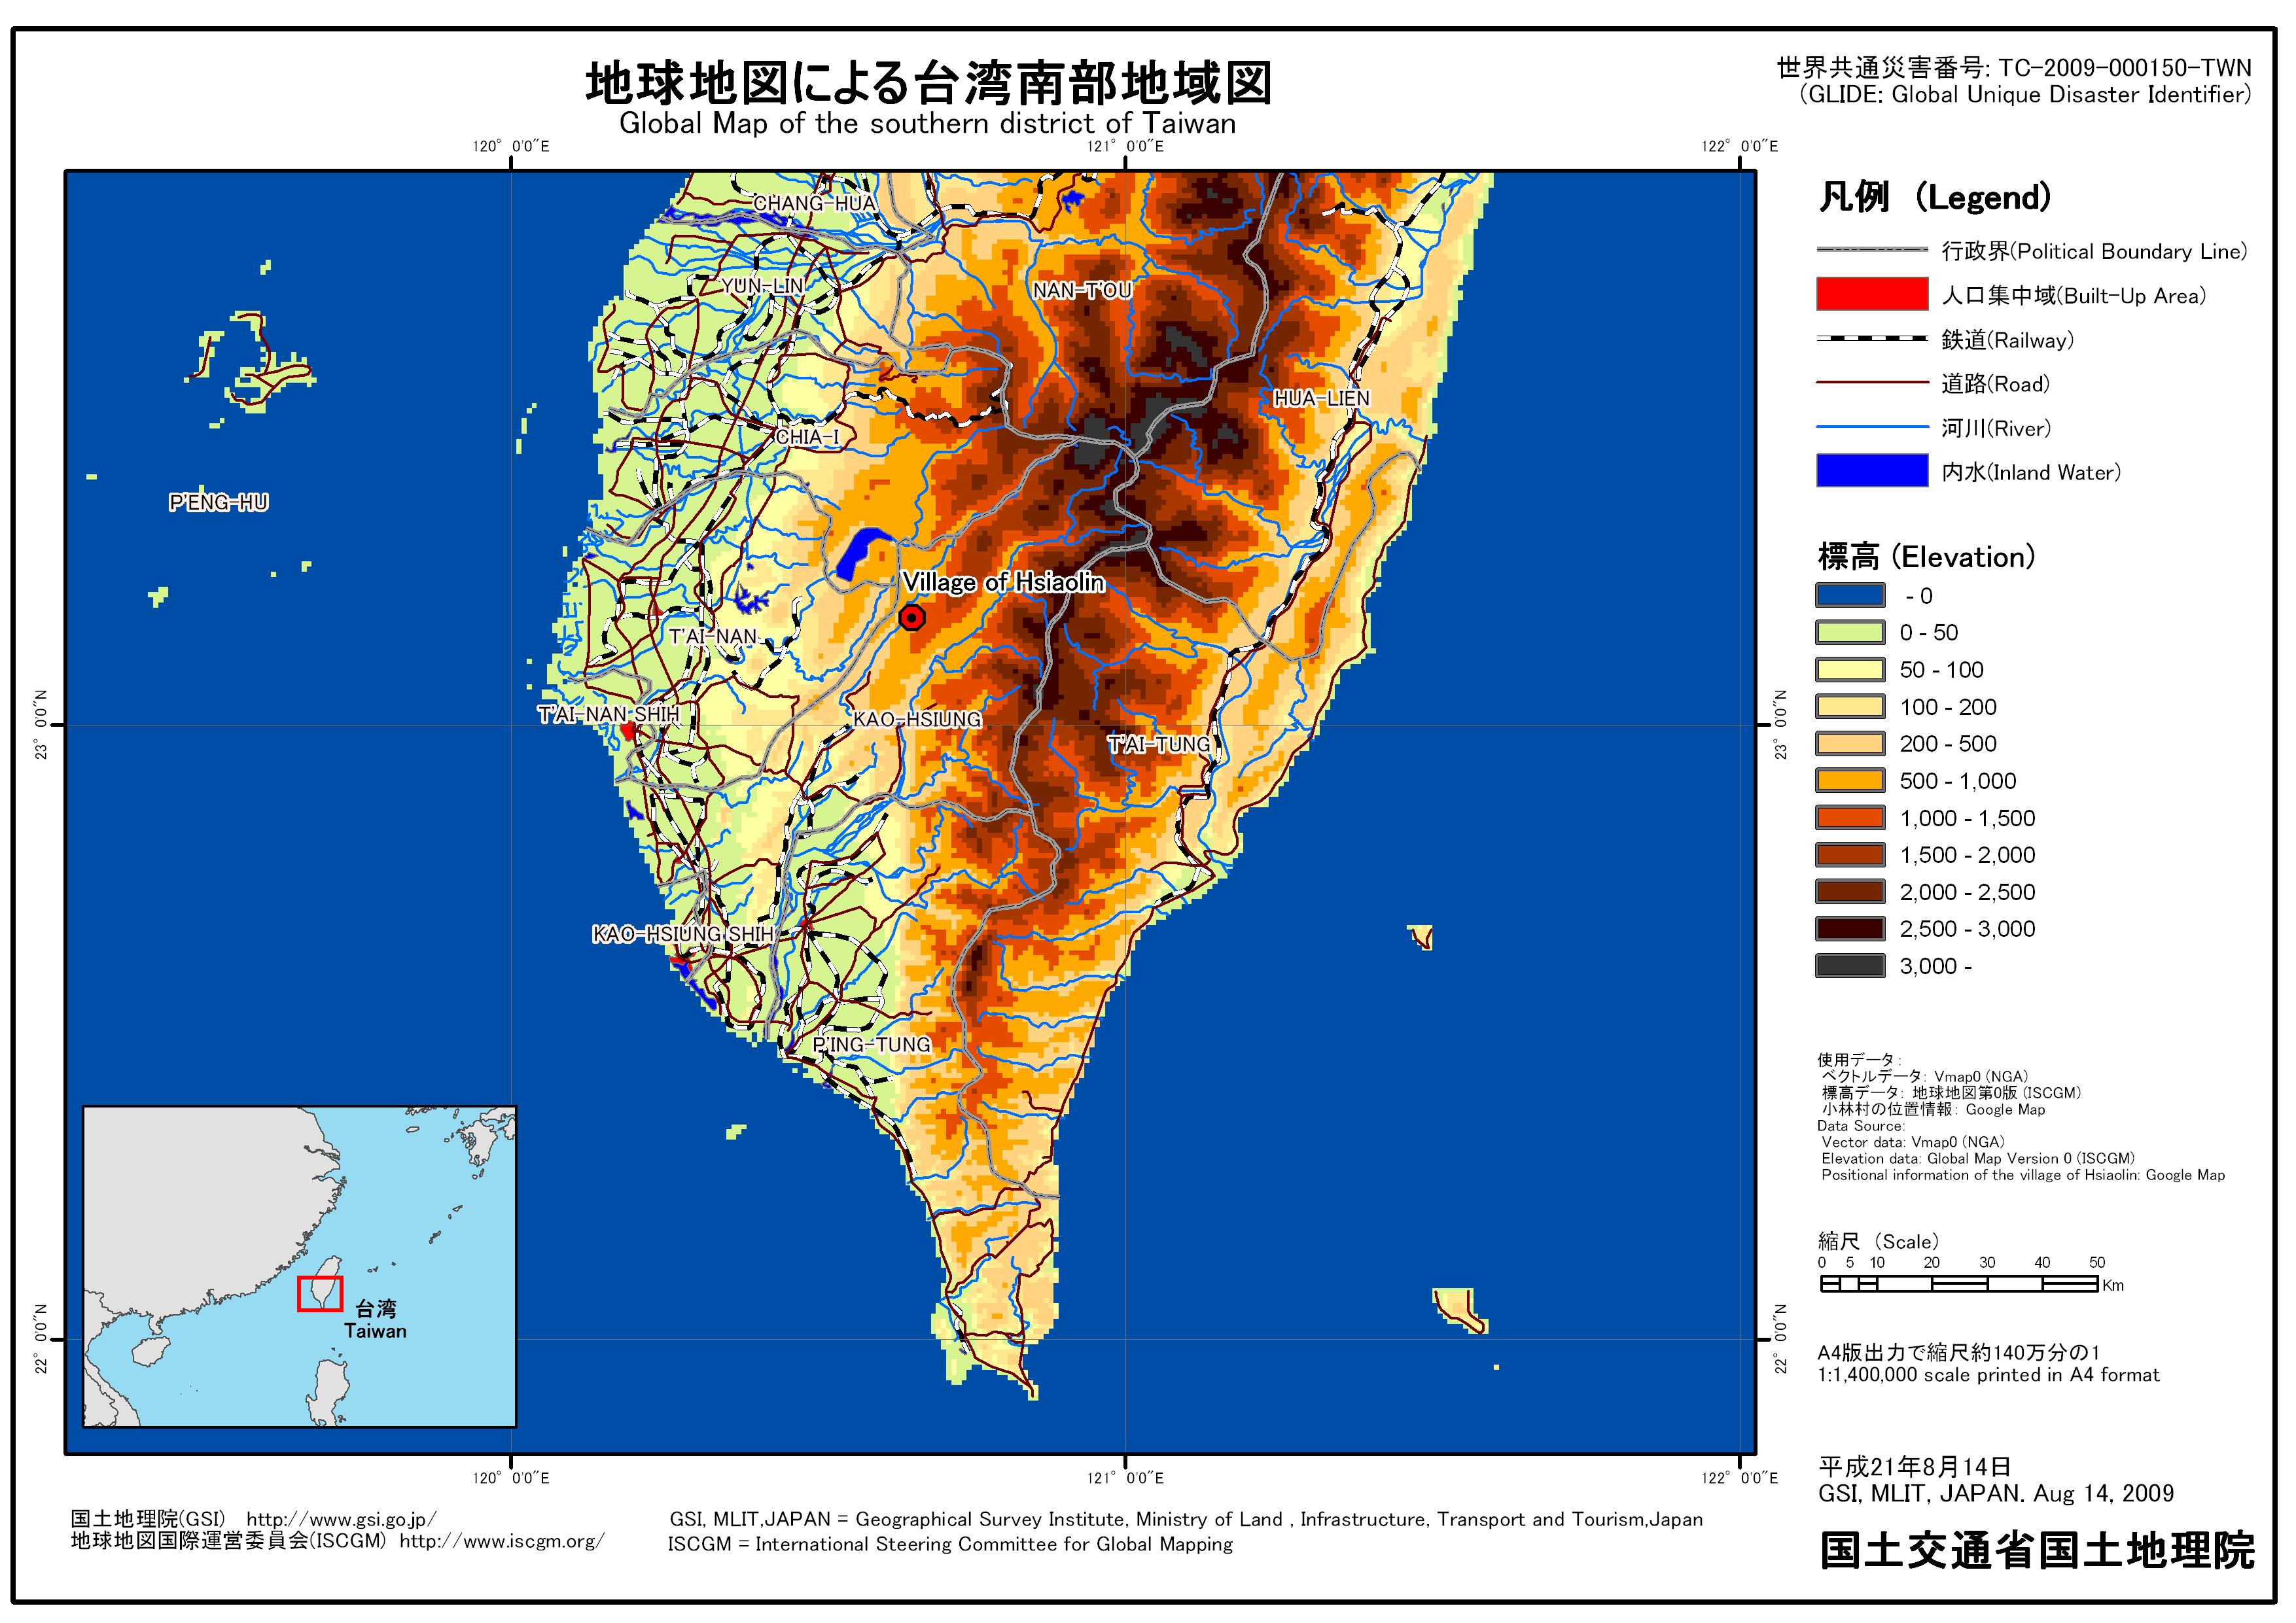 ... 台風第8号による災害(平成21年8